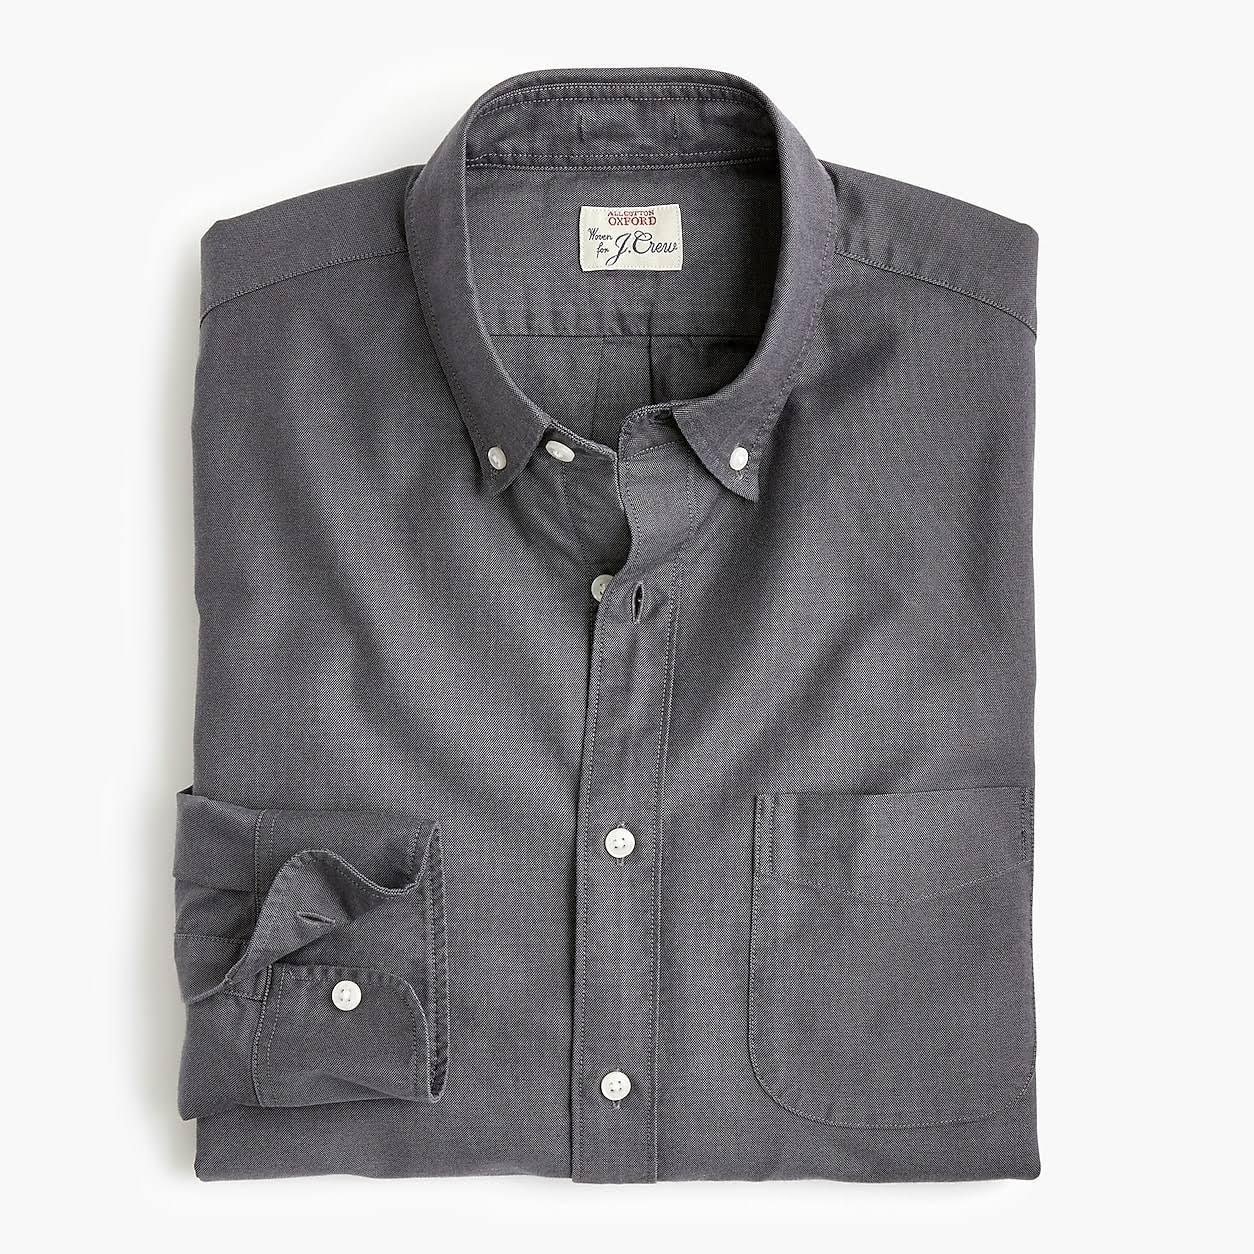 Estiramiento Mens crew Oxford Untucked Con Camisa Mediano Algodón De American J tamaño Mecánico gzxHqgw